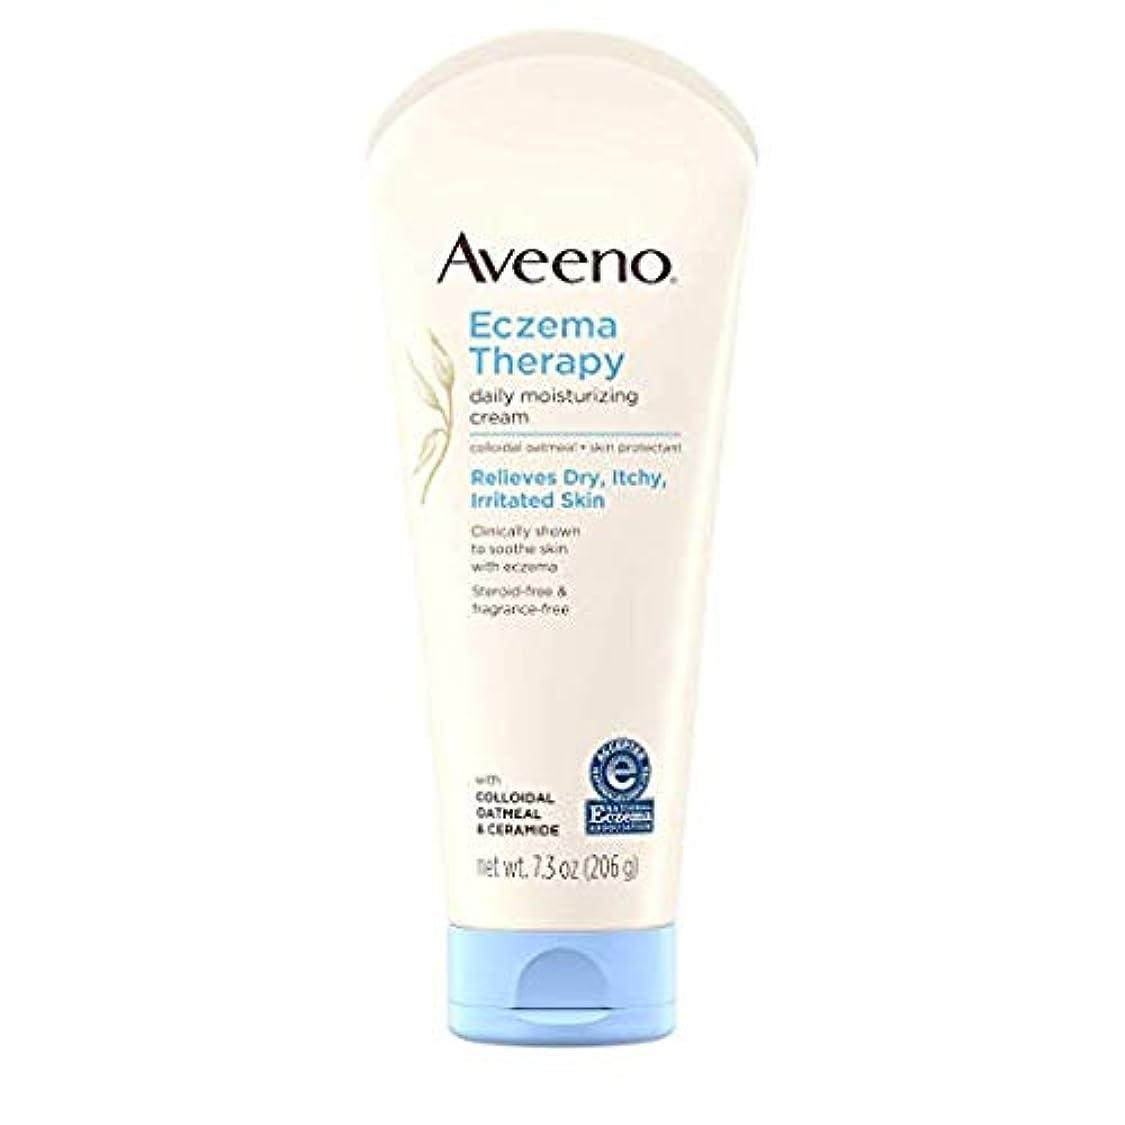 寄稿者宣言する弾性Aveeno - Eczema Therapy Moisturizing Cream - 7.3 oz (206 g) アビーノ 保湿クリーム [並行輸入品]